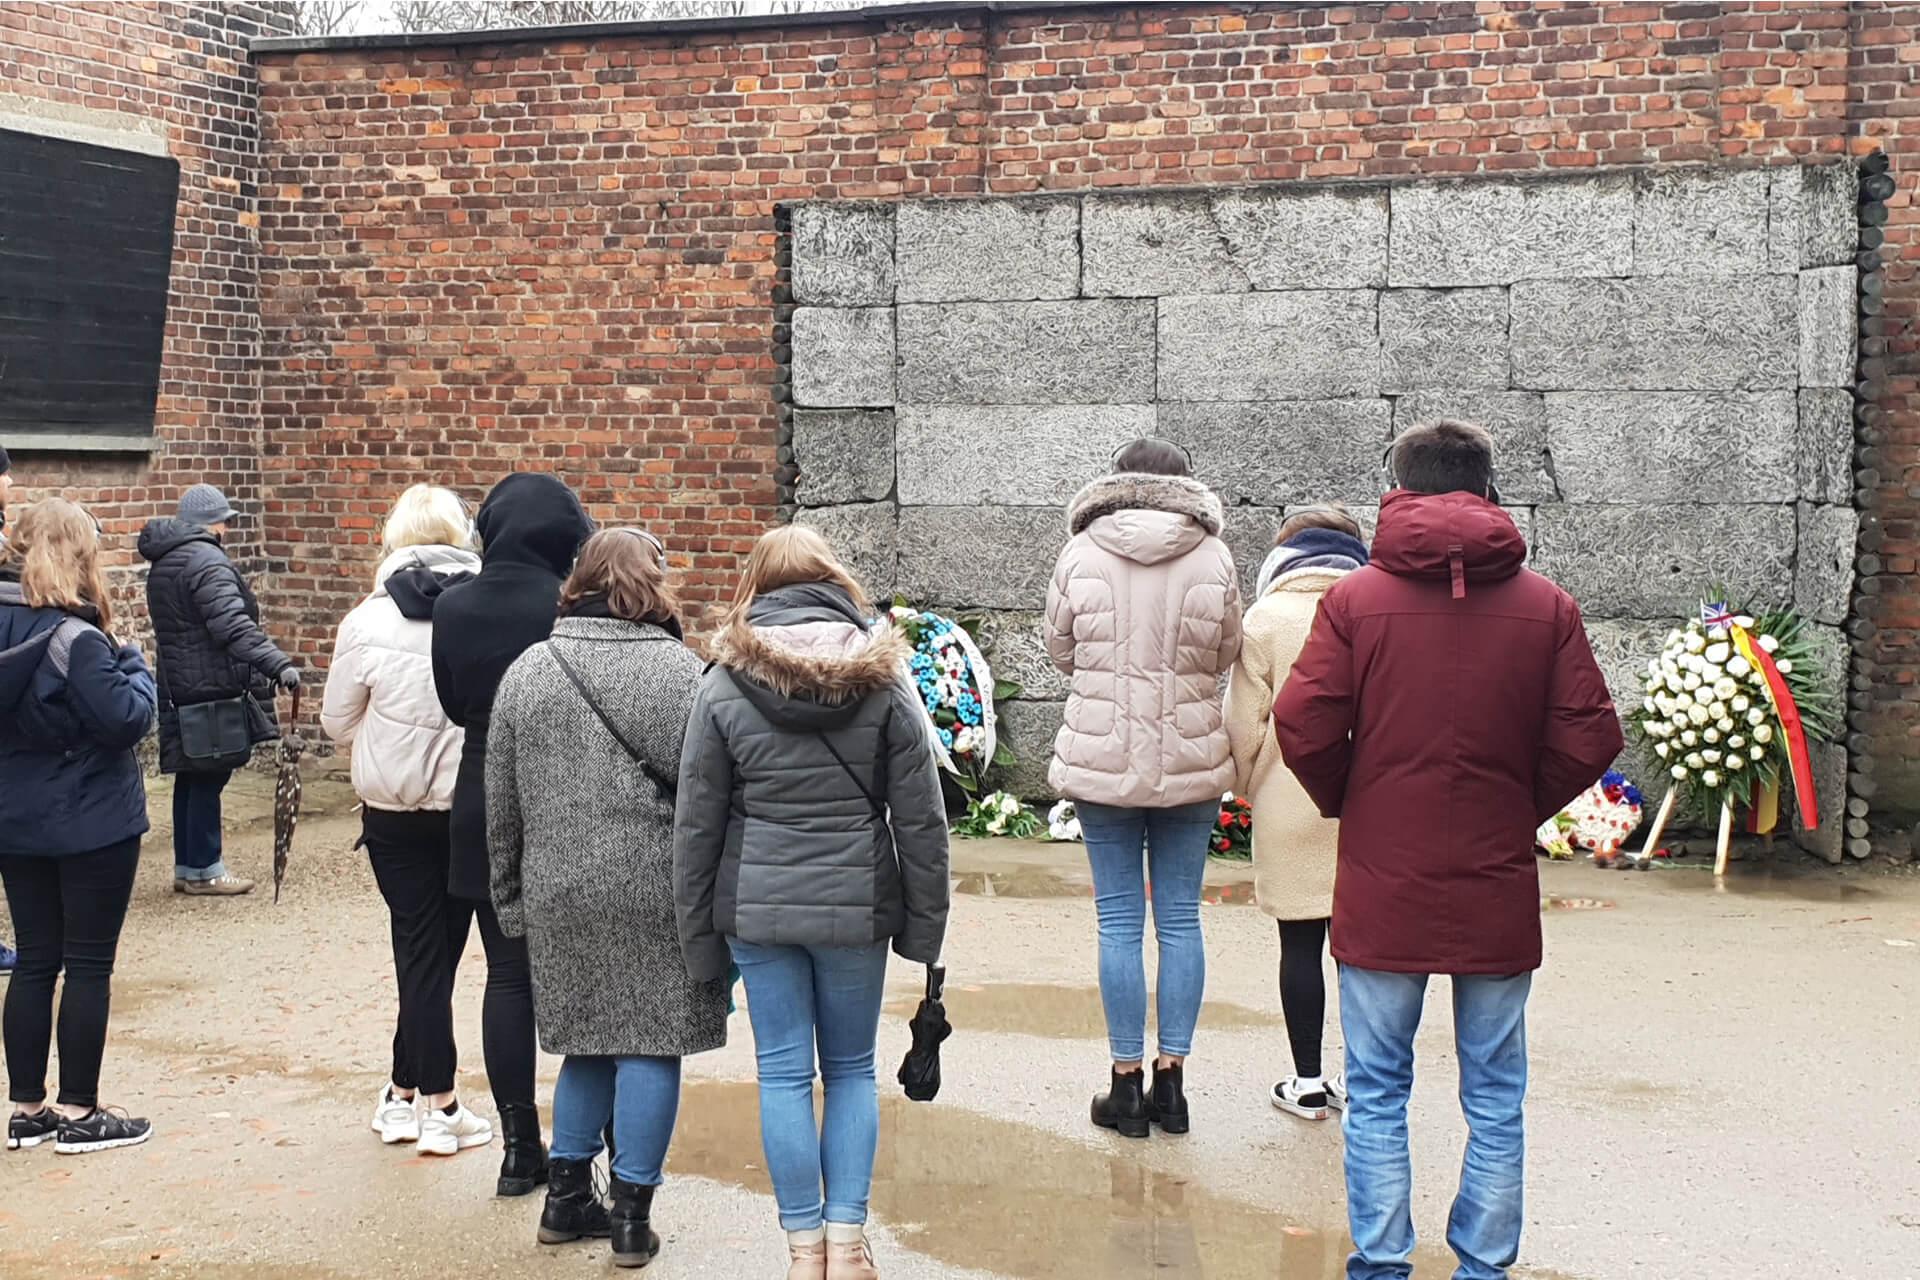 Studienfahrt In Die KZ-Gedenkstätte Auschwitz-Birkenau